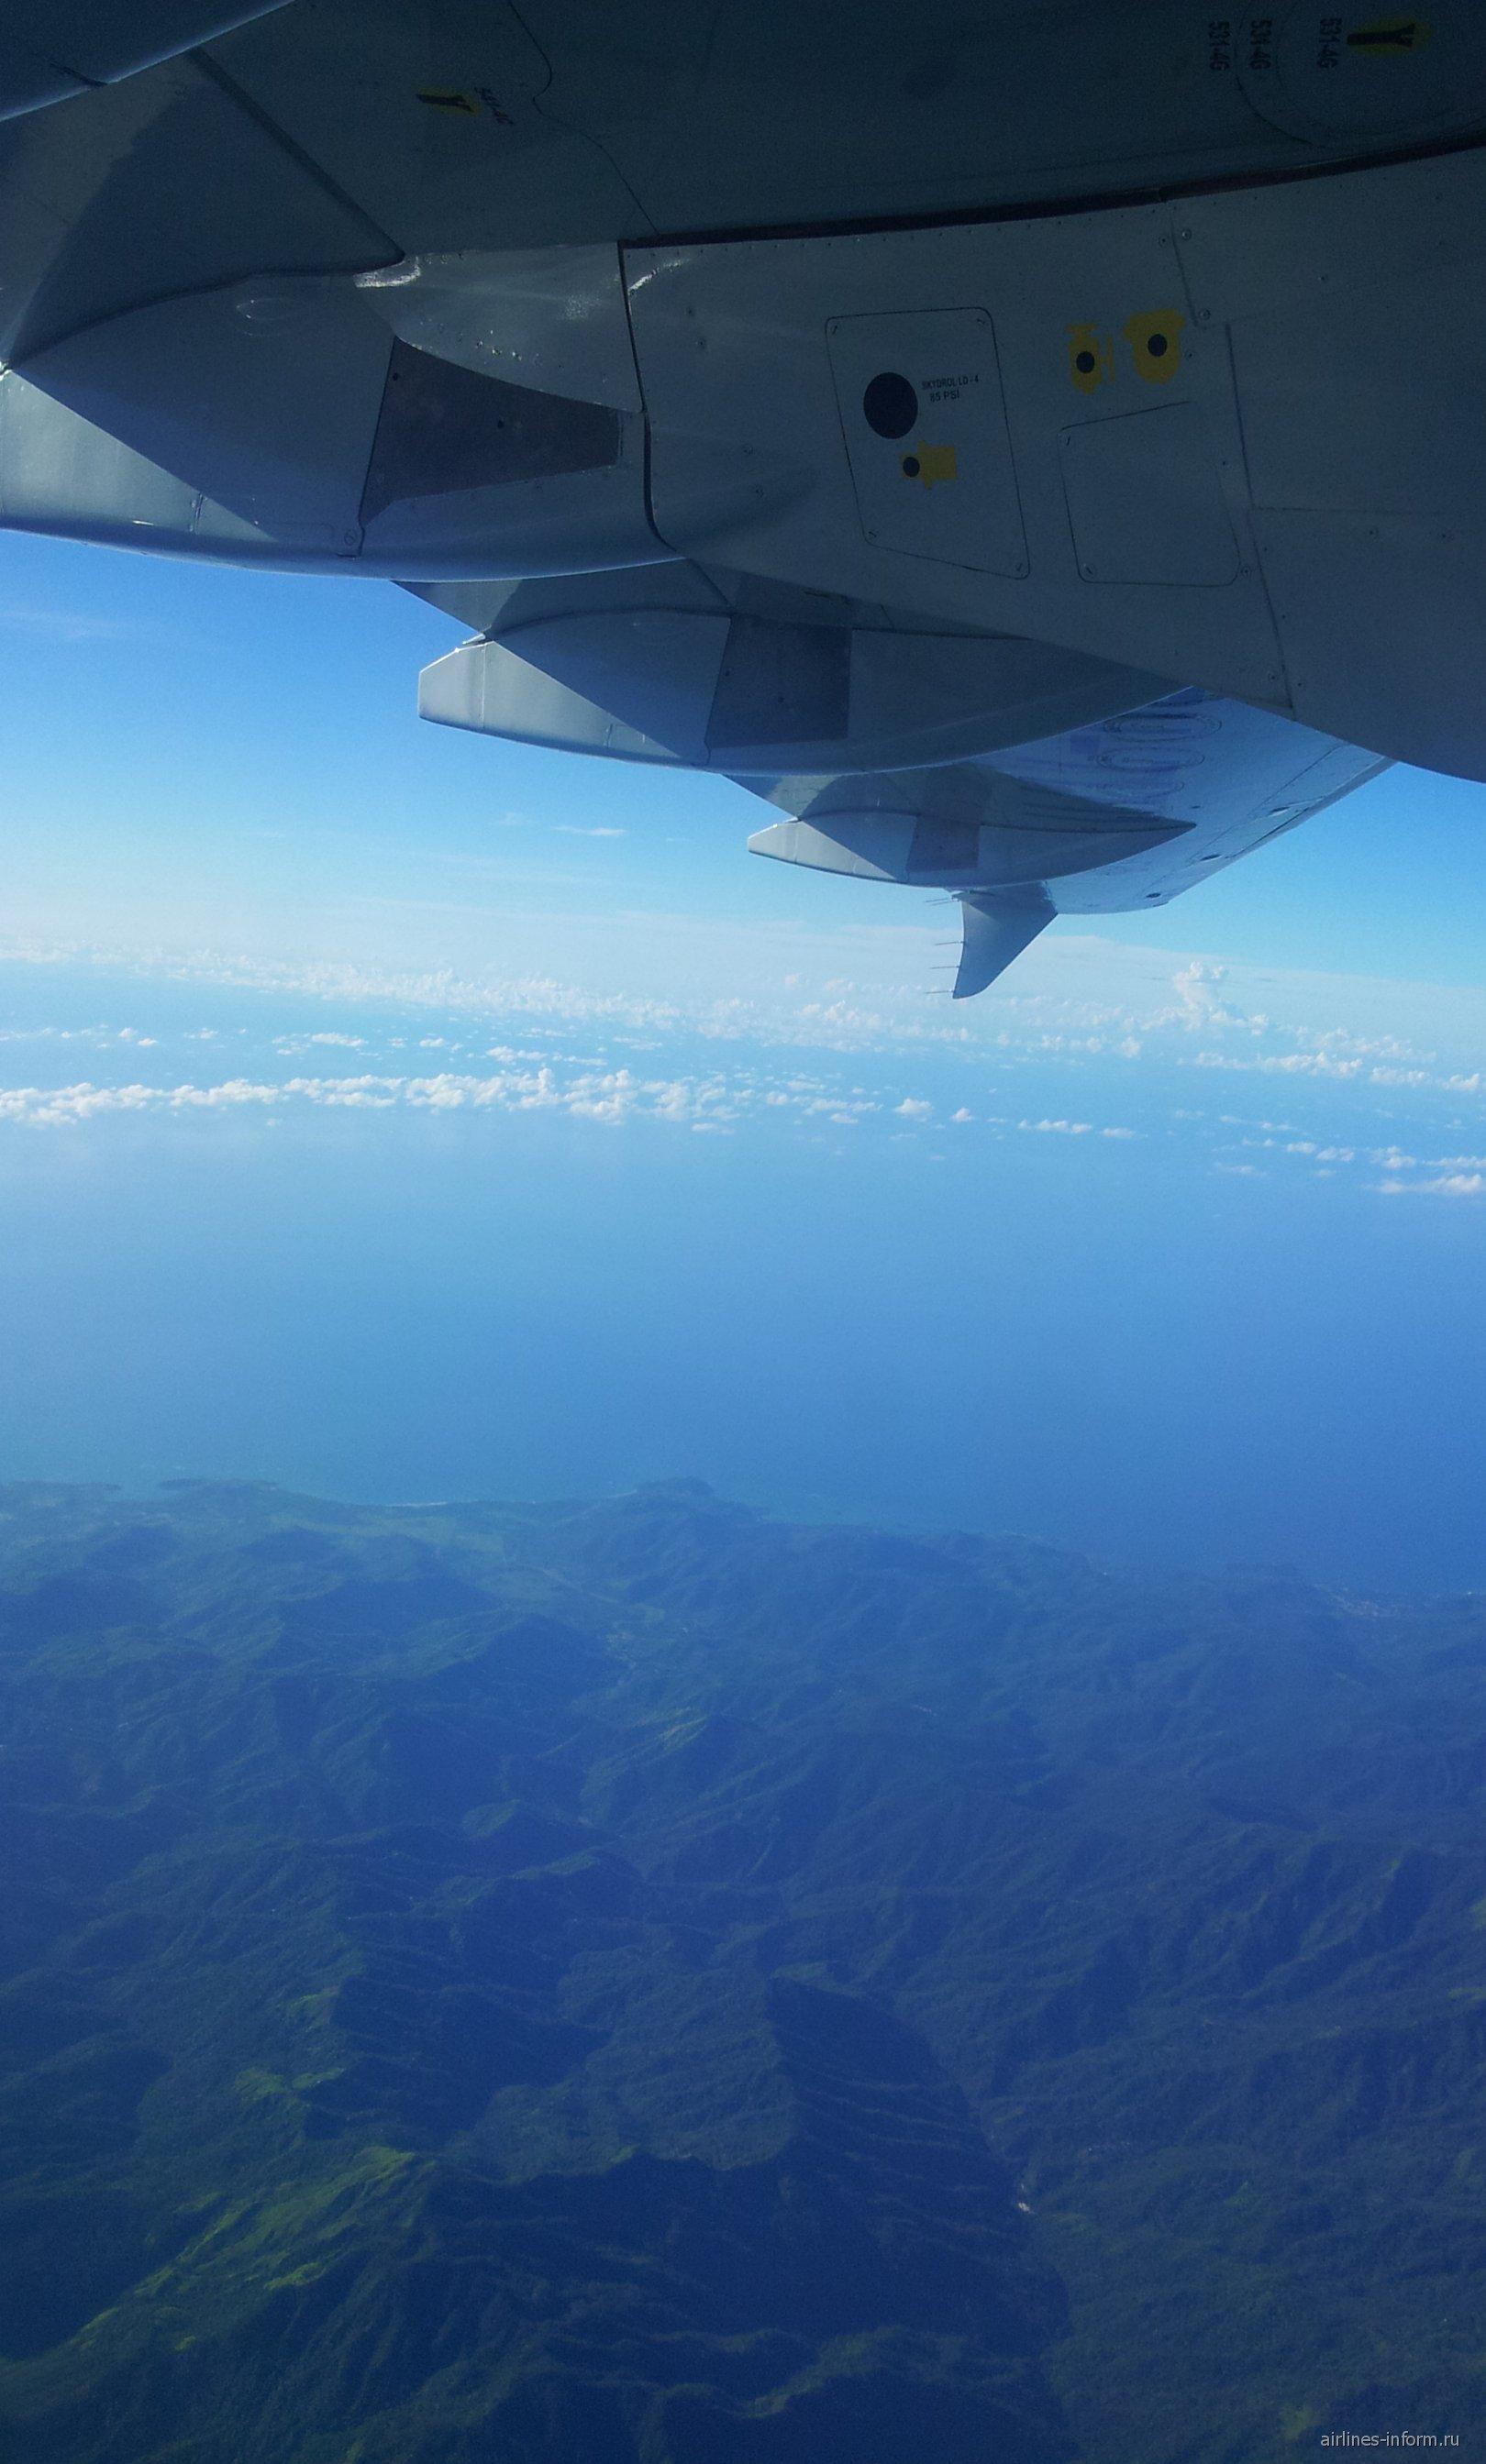 Рейс Сантьяго-де-Куба-Гавана авиакомпании Кубана